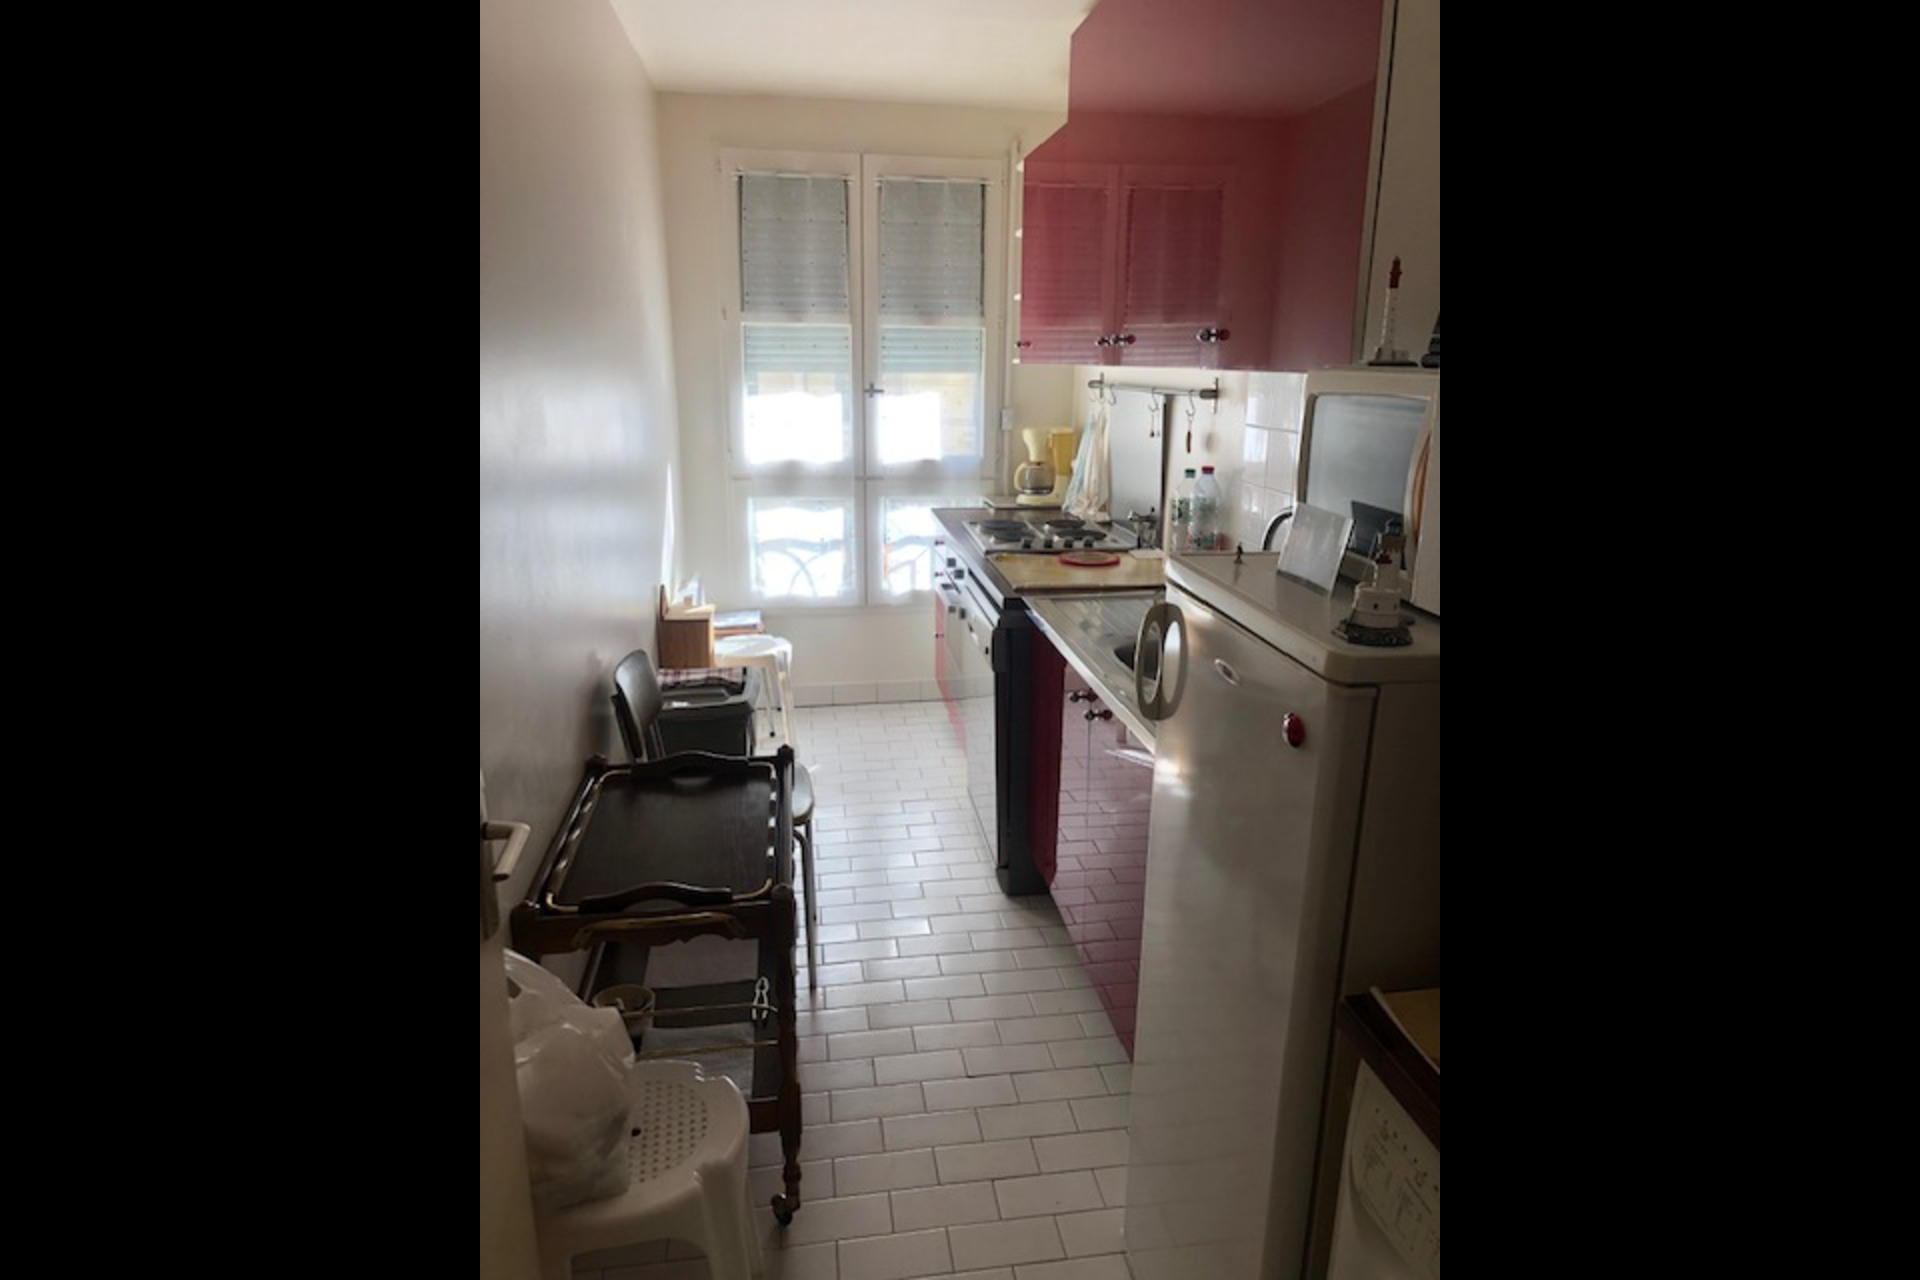 image 2 - Apartment For sale saint germain en laye - 3 rooms